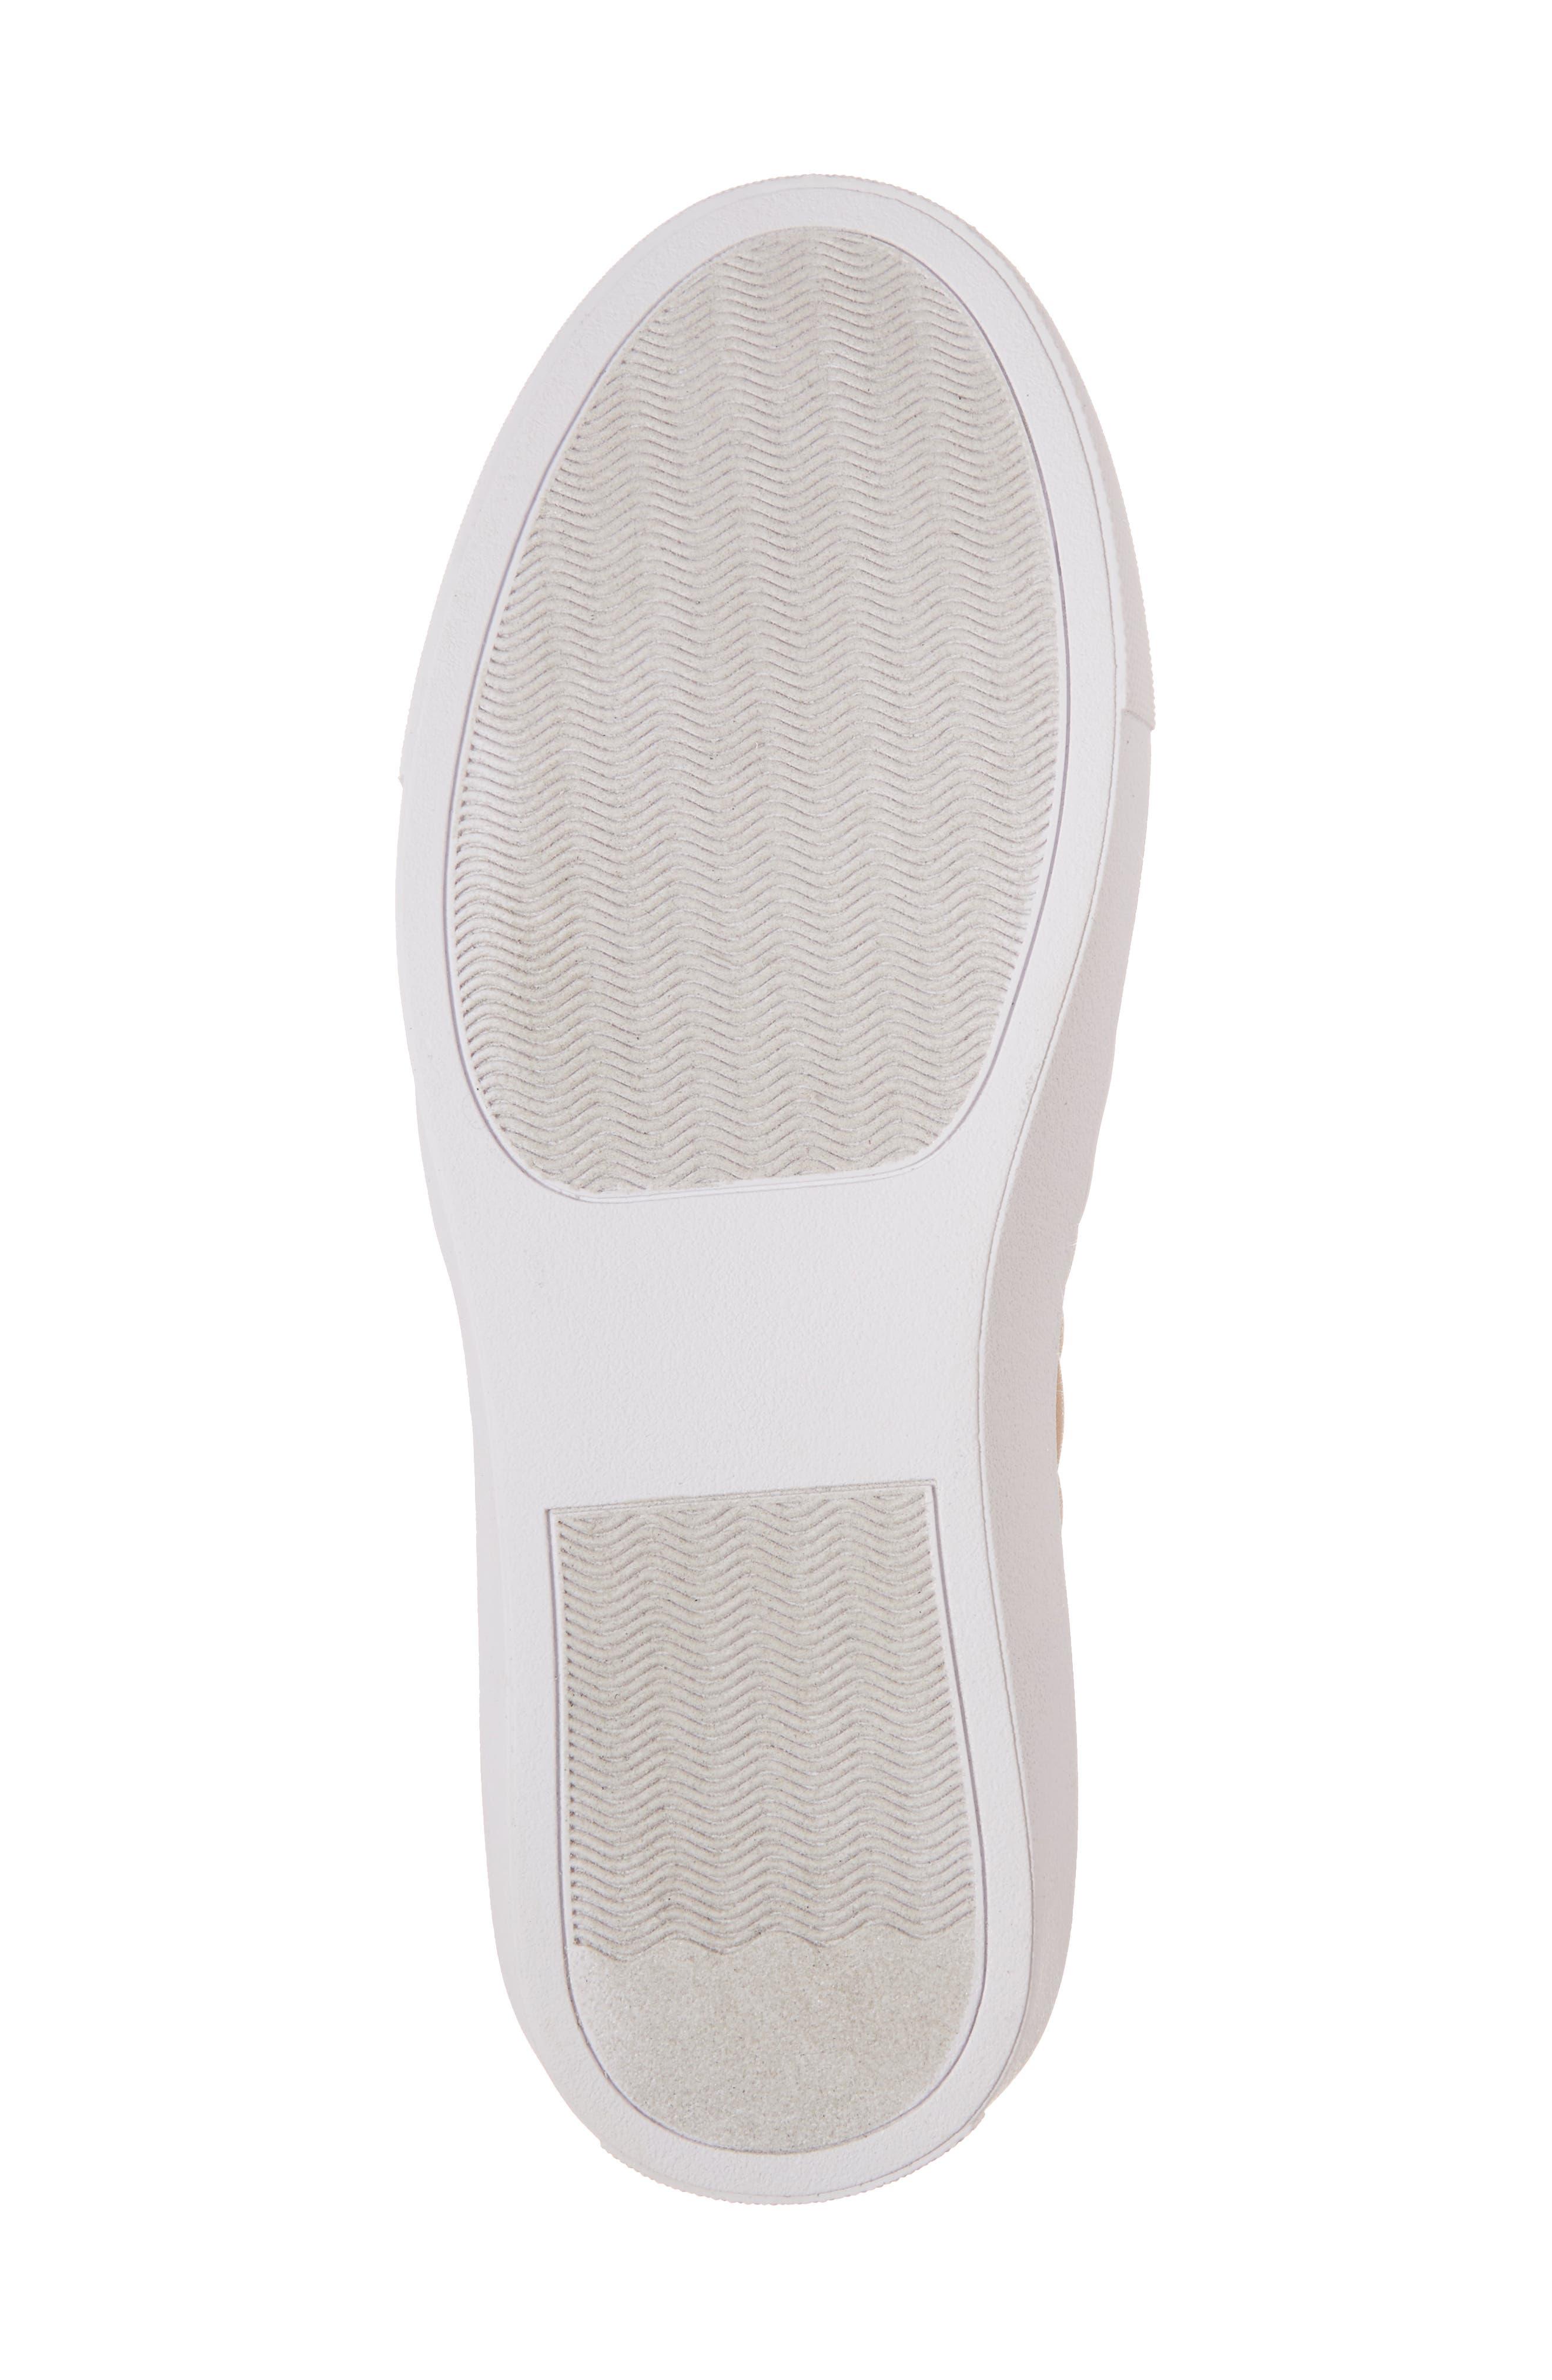 STEVE MADDEN, Ecentrcq Sneaker, Alternate thumbnail 6, color, 250